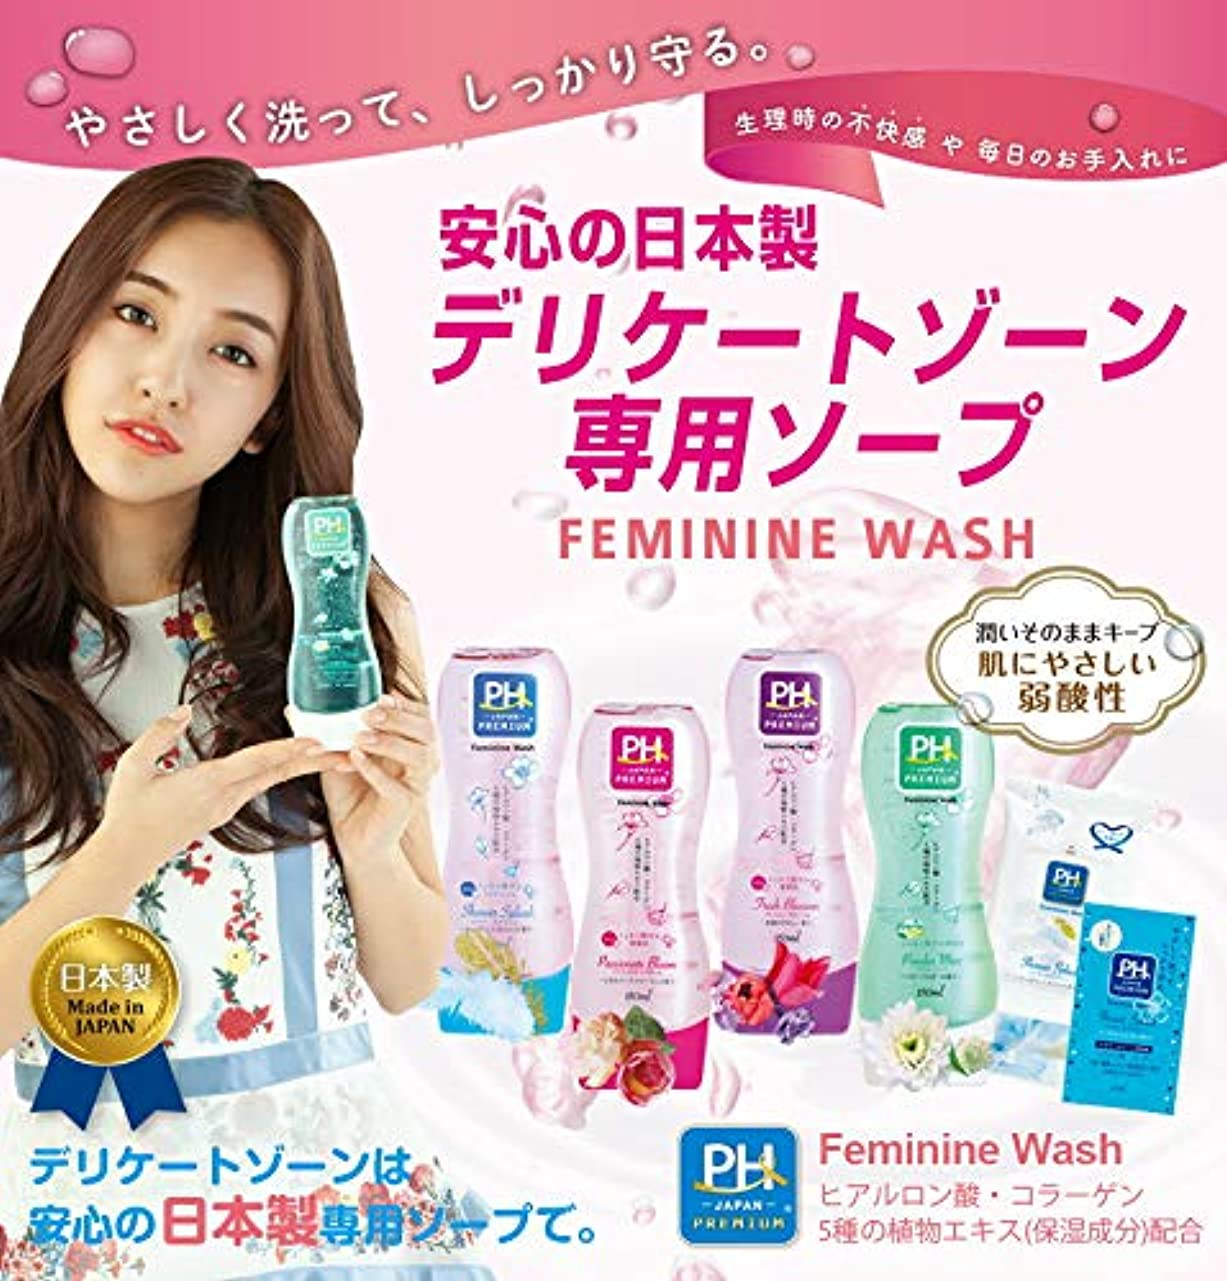 ワックス見込みリラックスしたパッショネイトブルーム4本セット PH JAPAN フェミニンウォッシュ 上品なローズフローラルの香り